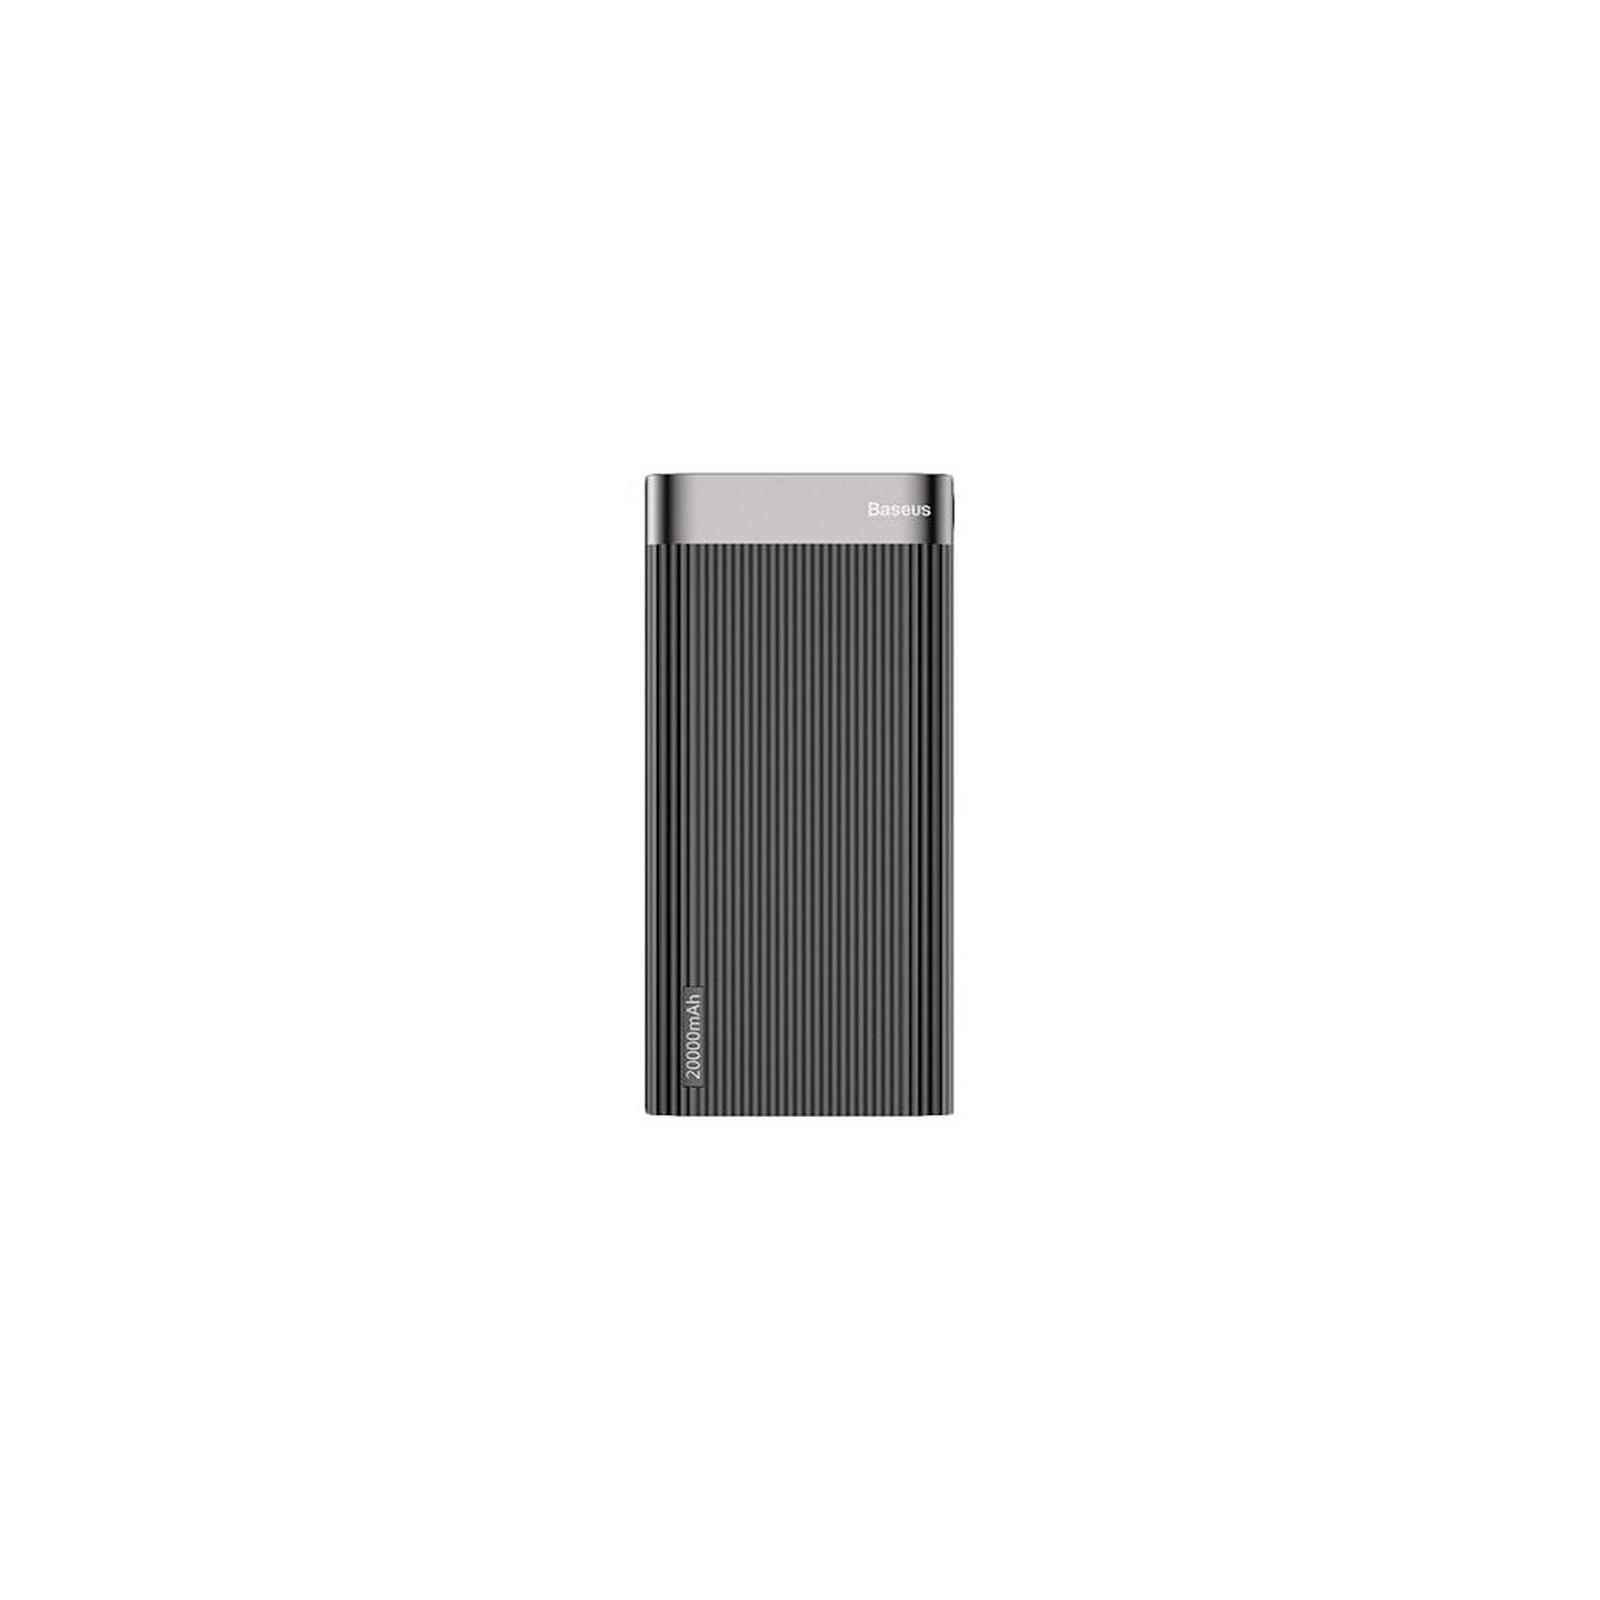 BASEUS Batterie externe 20000 mAh Smartphone et MACBOOK